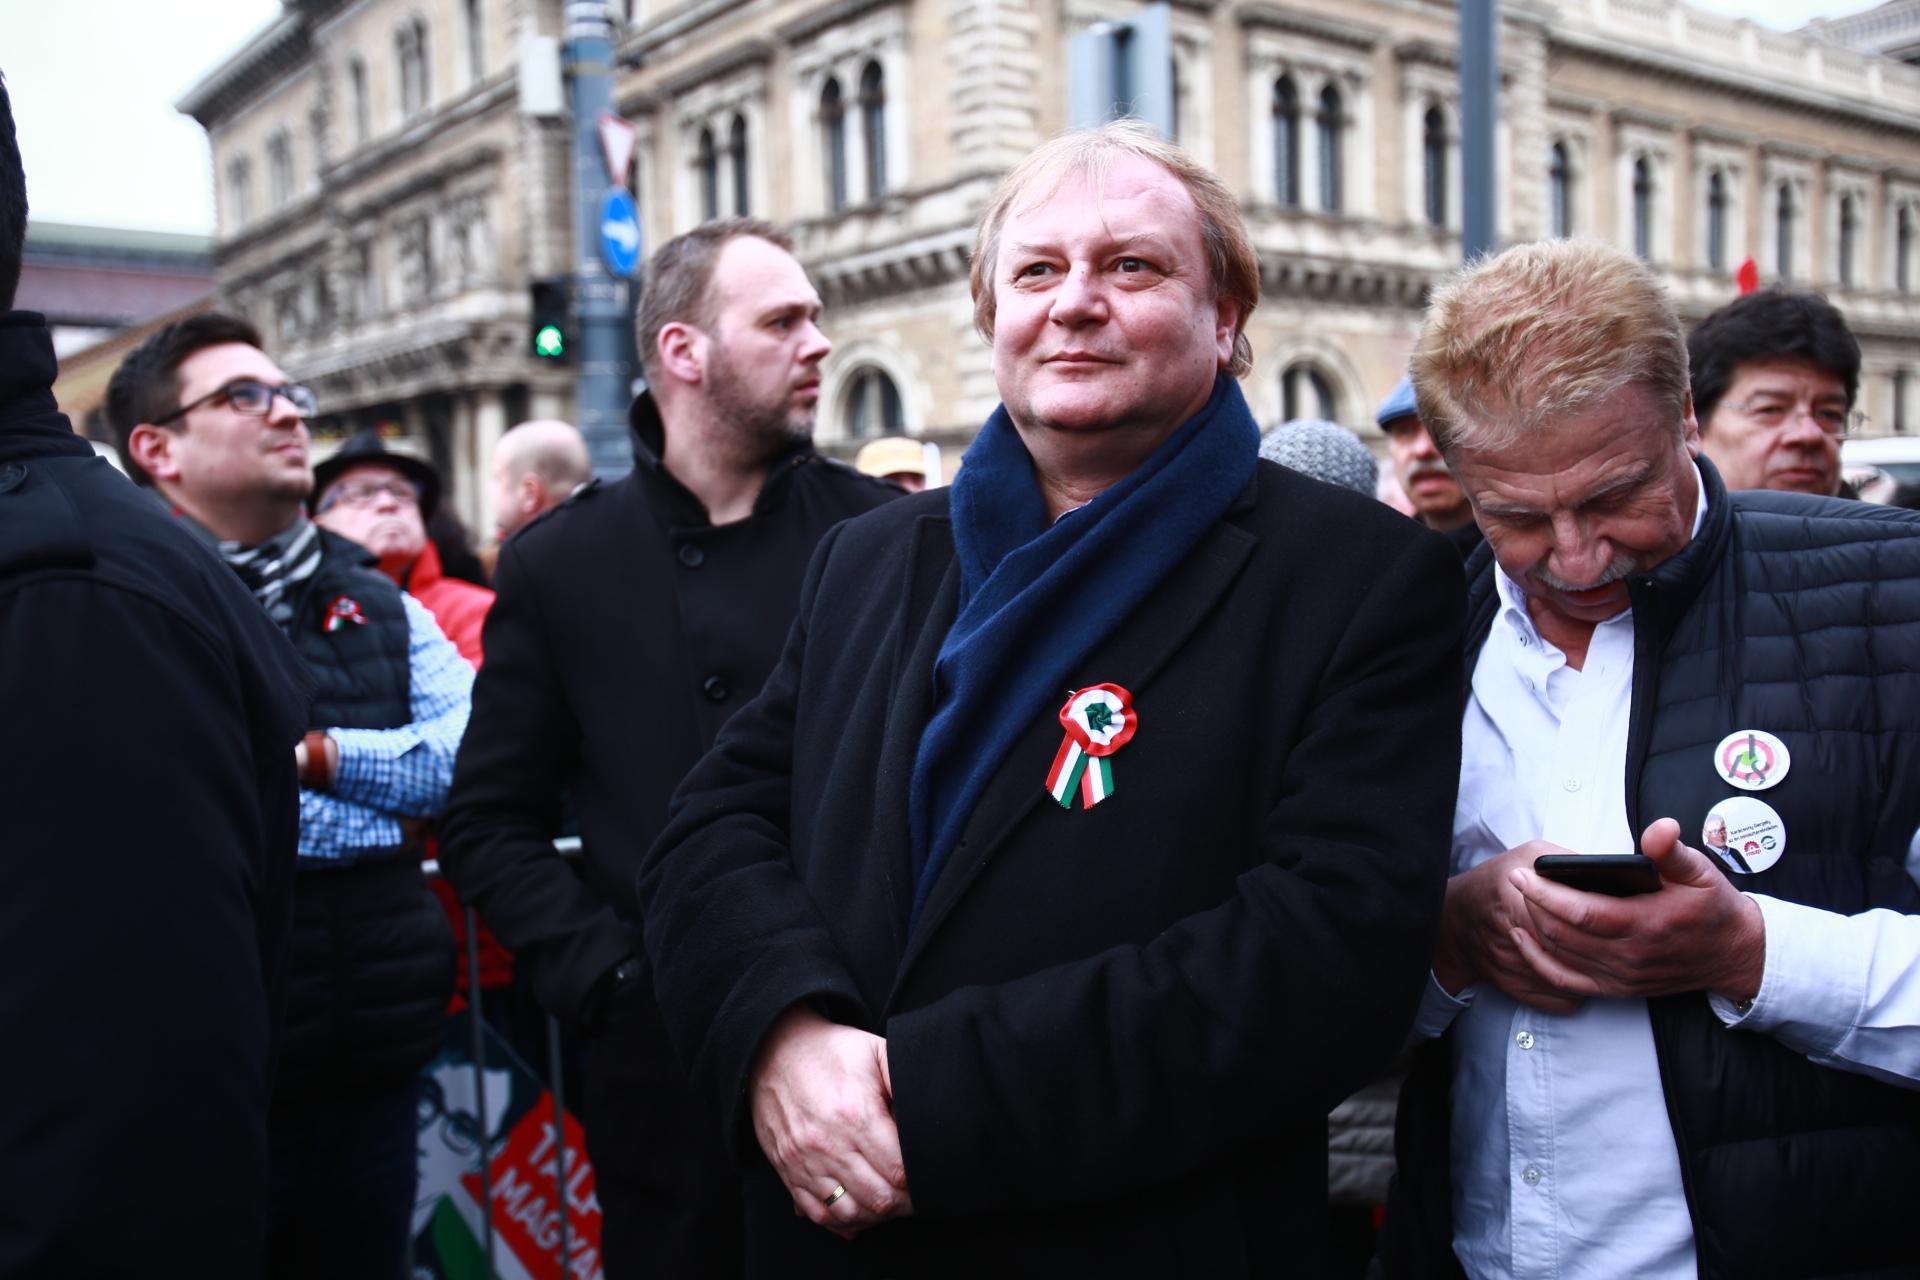 Hiller István, ha hajszálnyival is, de hozta az MSZP-nek a 20. kerületet